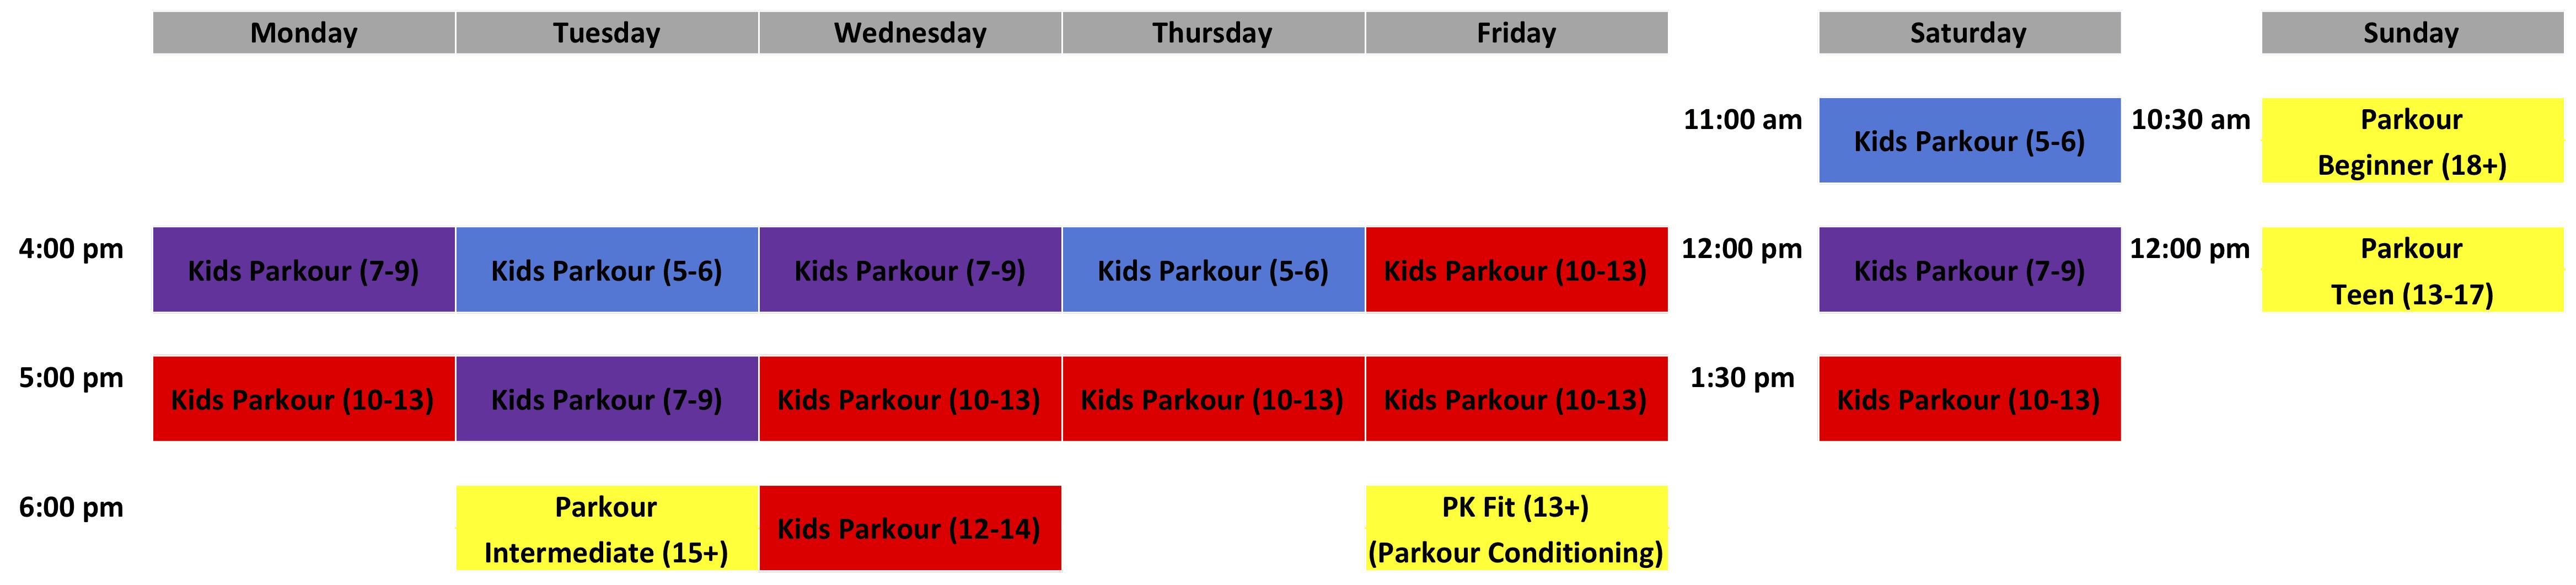 Parkour Schedule - April 2019